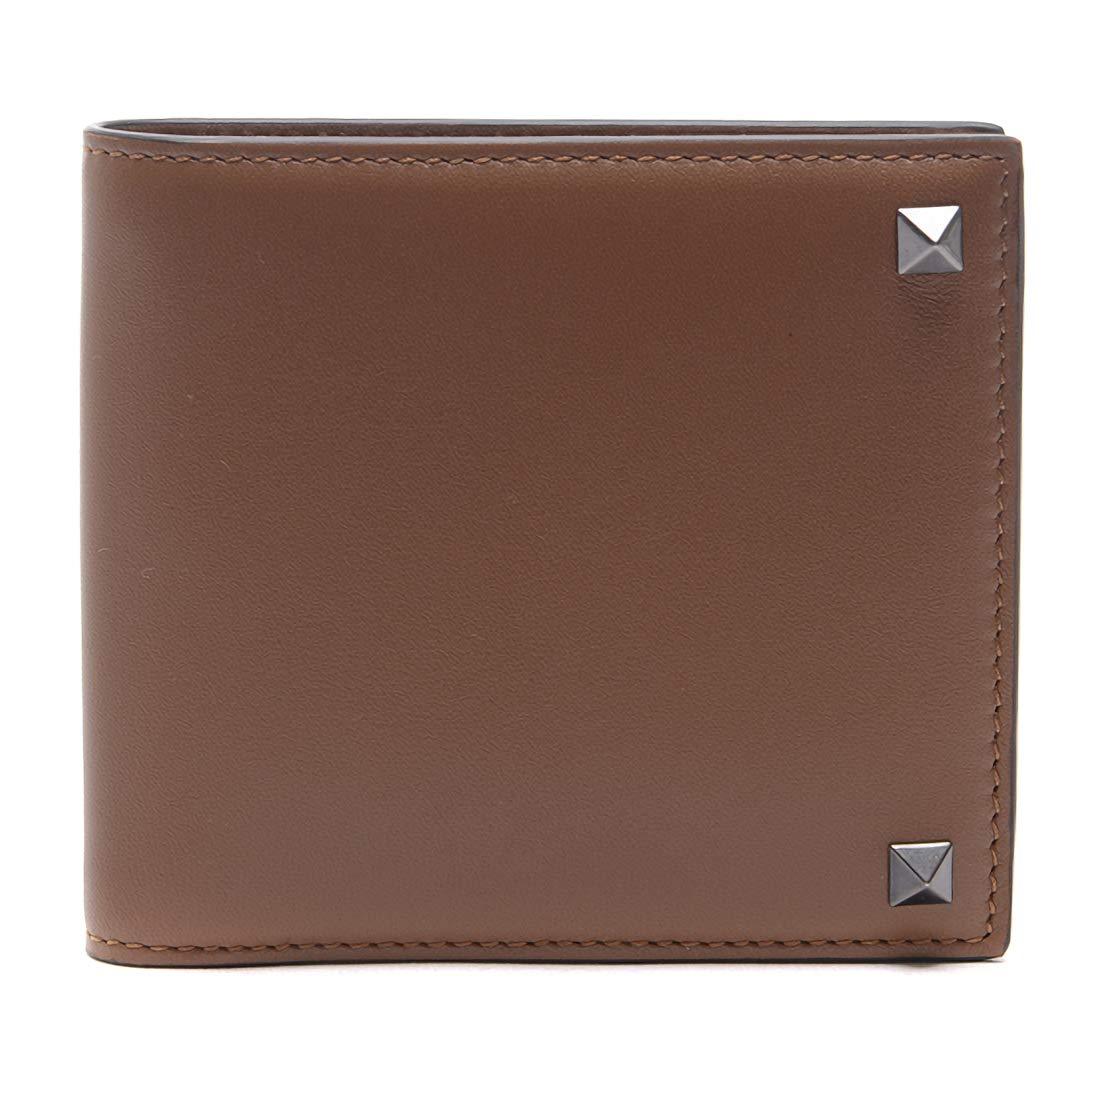 [ヴァレンティノ] [VALENTINO] メンズ ロックスタッズ 二つ折り財布 ブラウン [並行輸入品] B07GNS3J1X  One Size